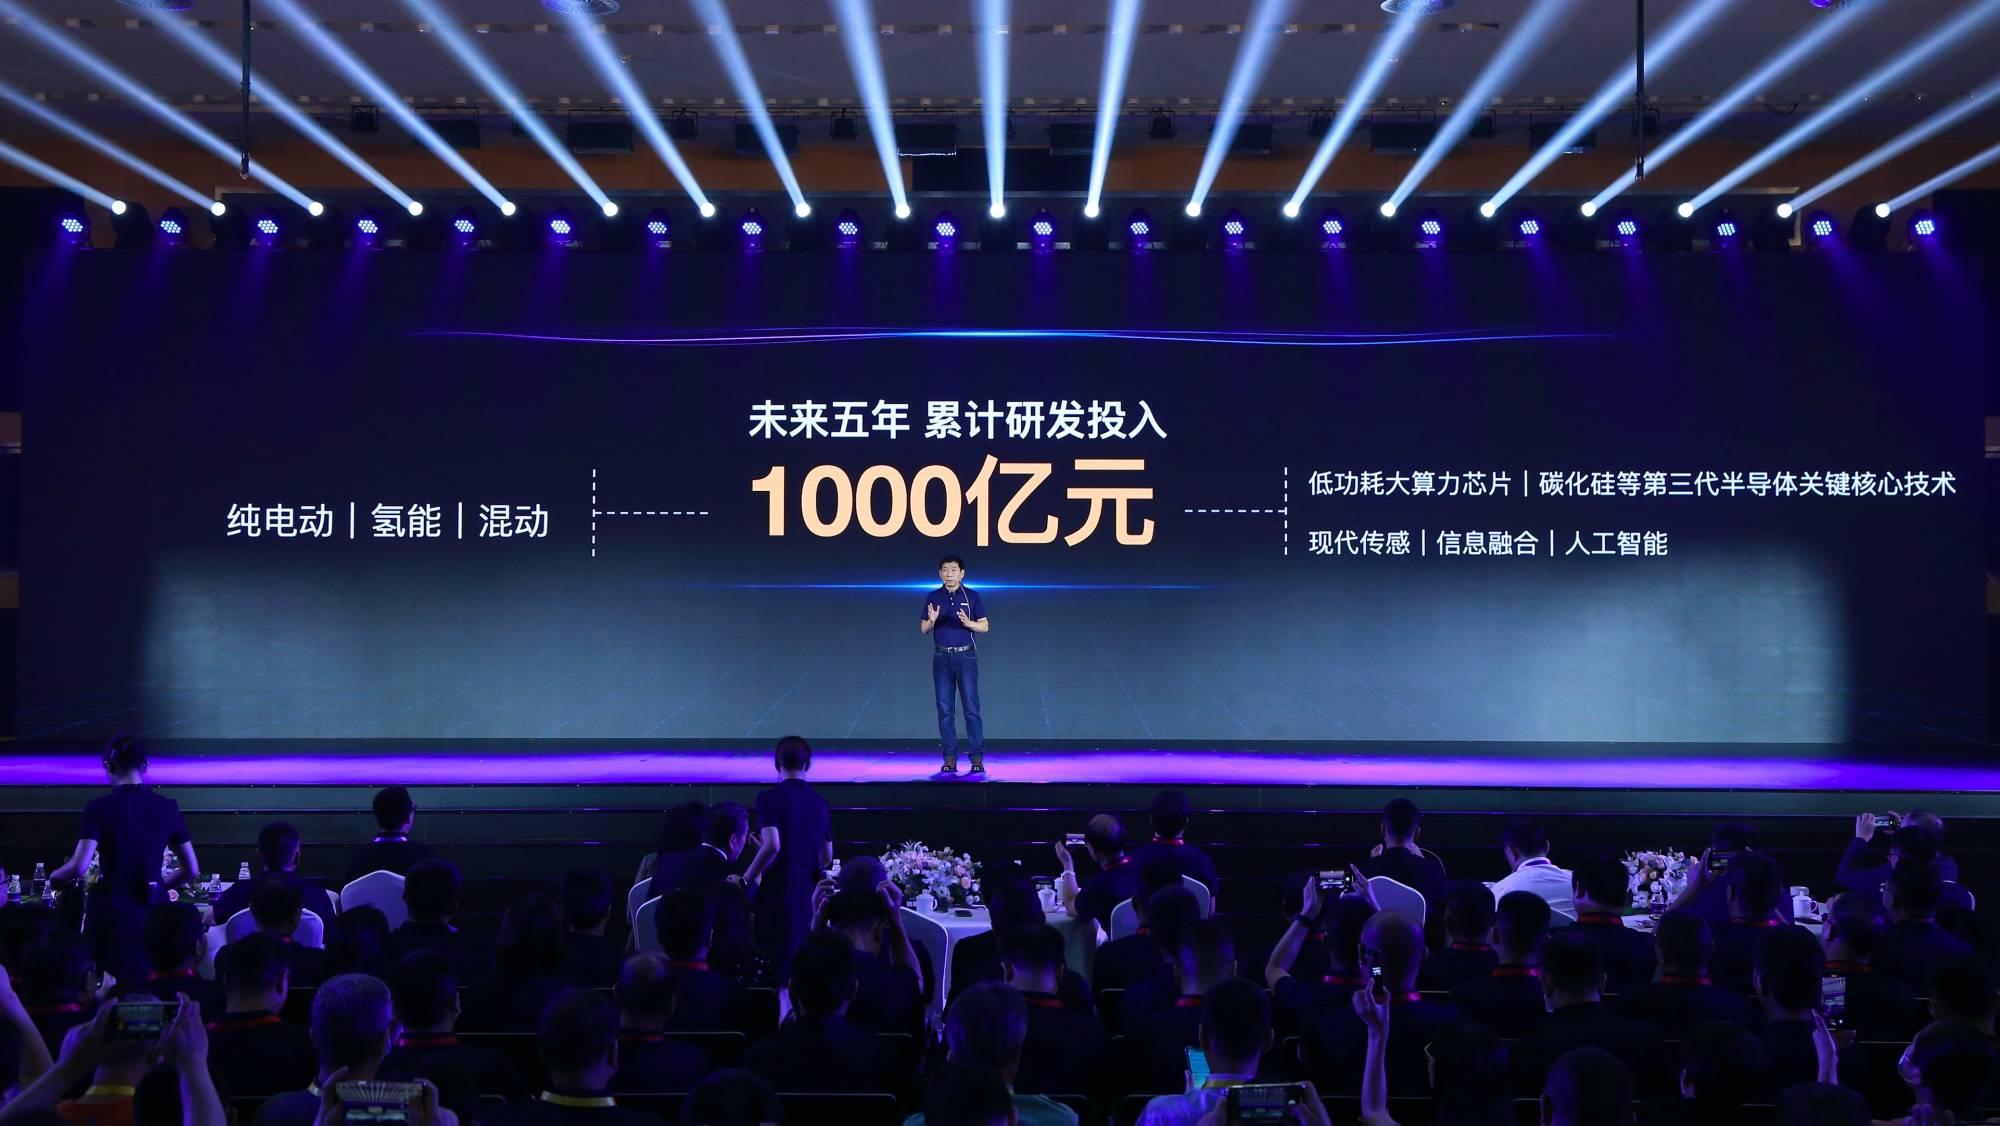 2025年全球銷量400萬輛 長城汽車正式釋出2025戰略